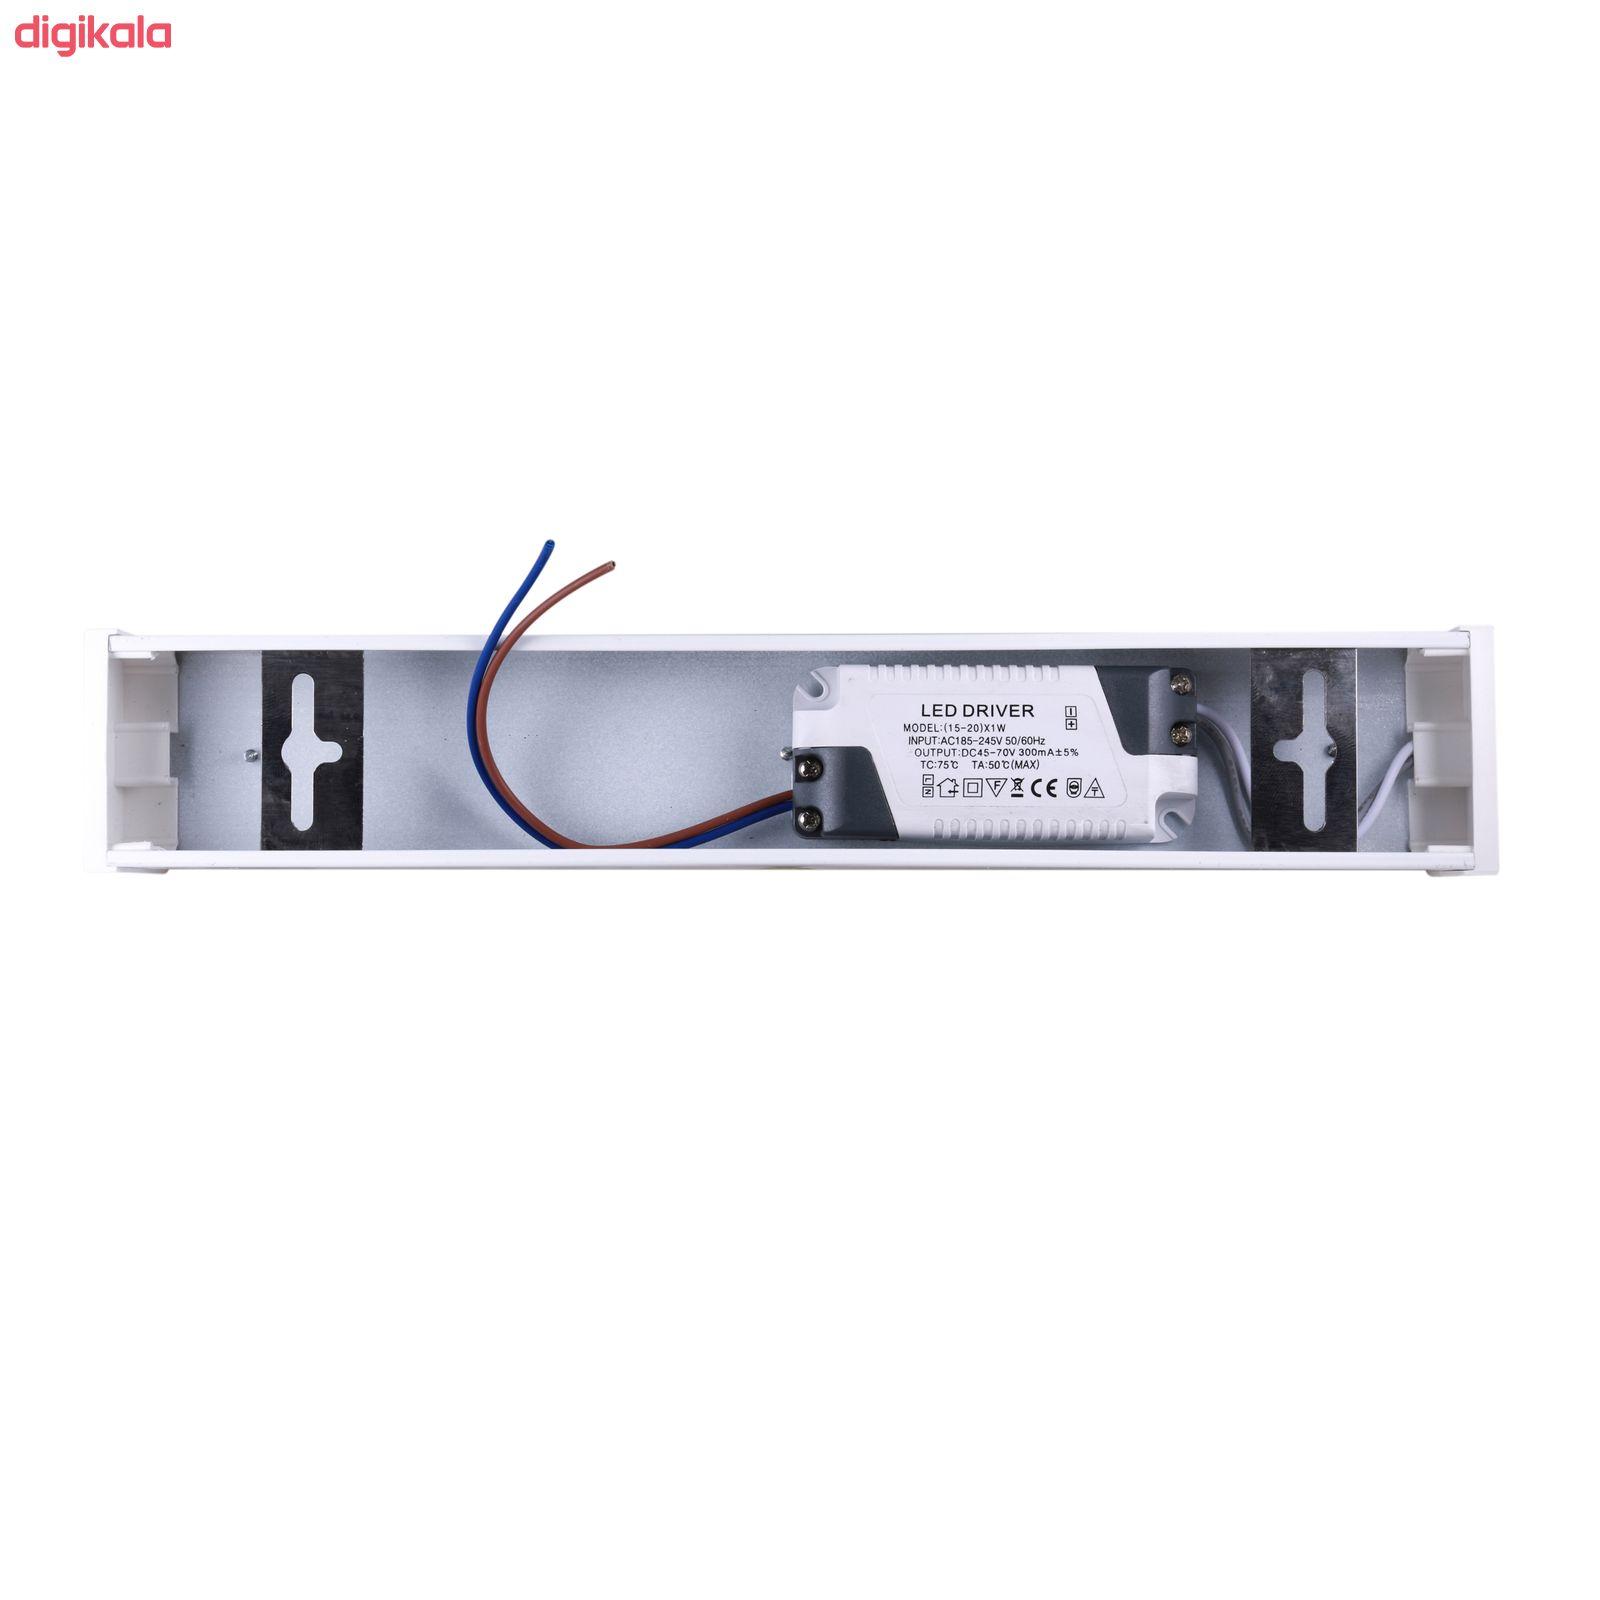 چراغ ال ای دی 22 وات پارس شعاع توس مدل PST-KAREN 22 main 1 1